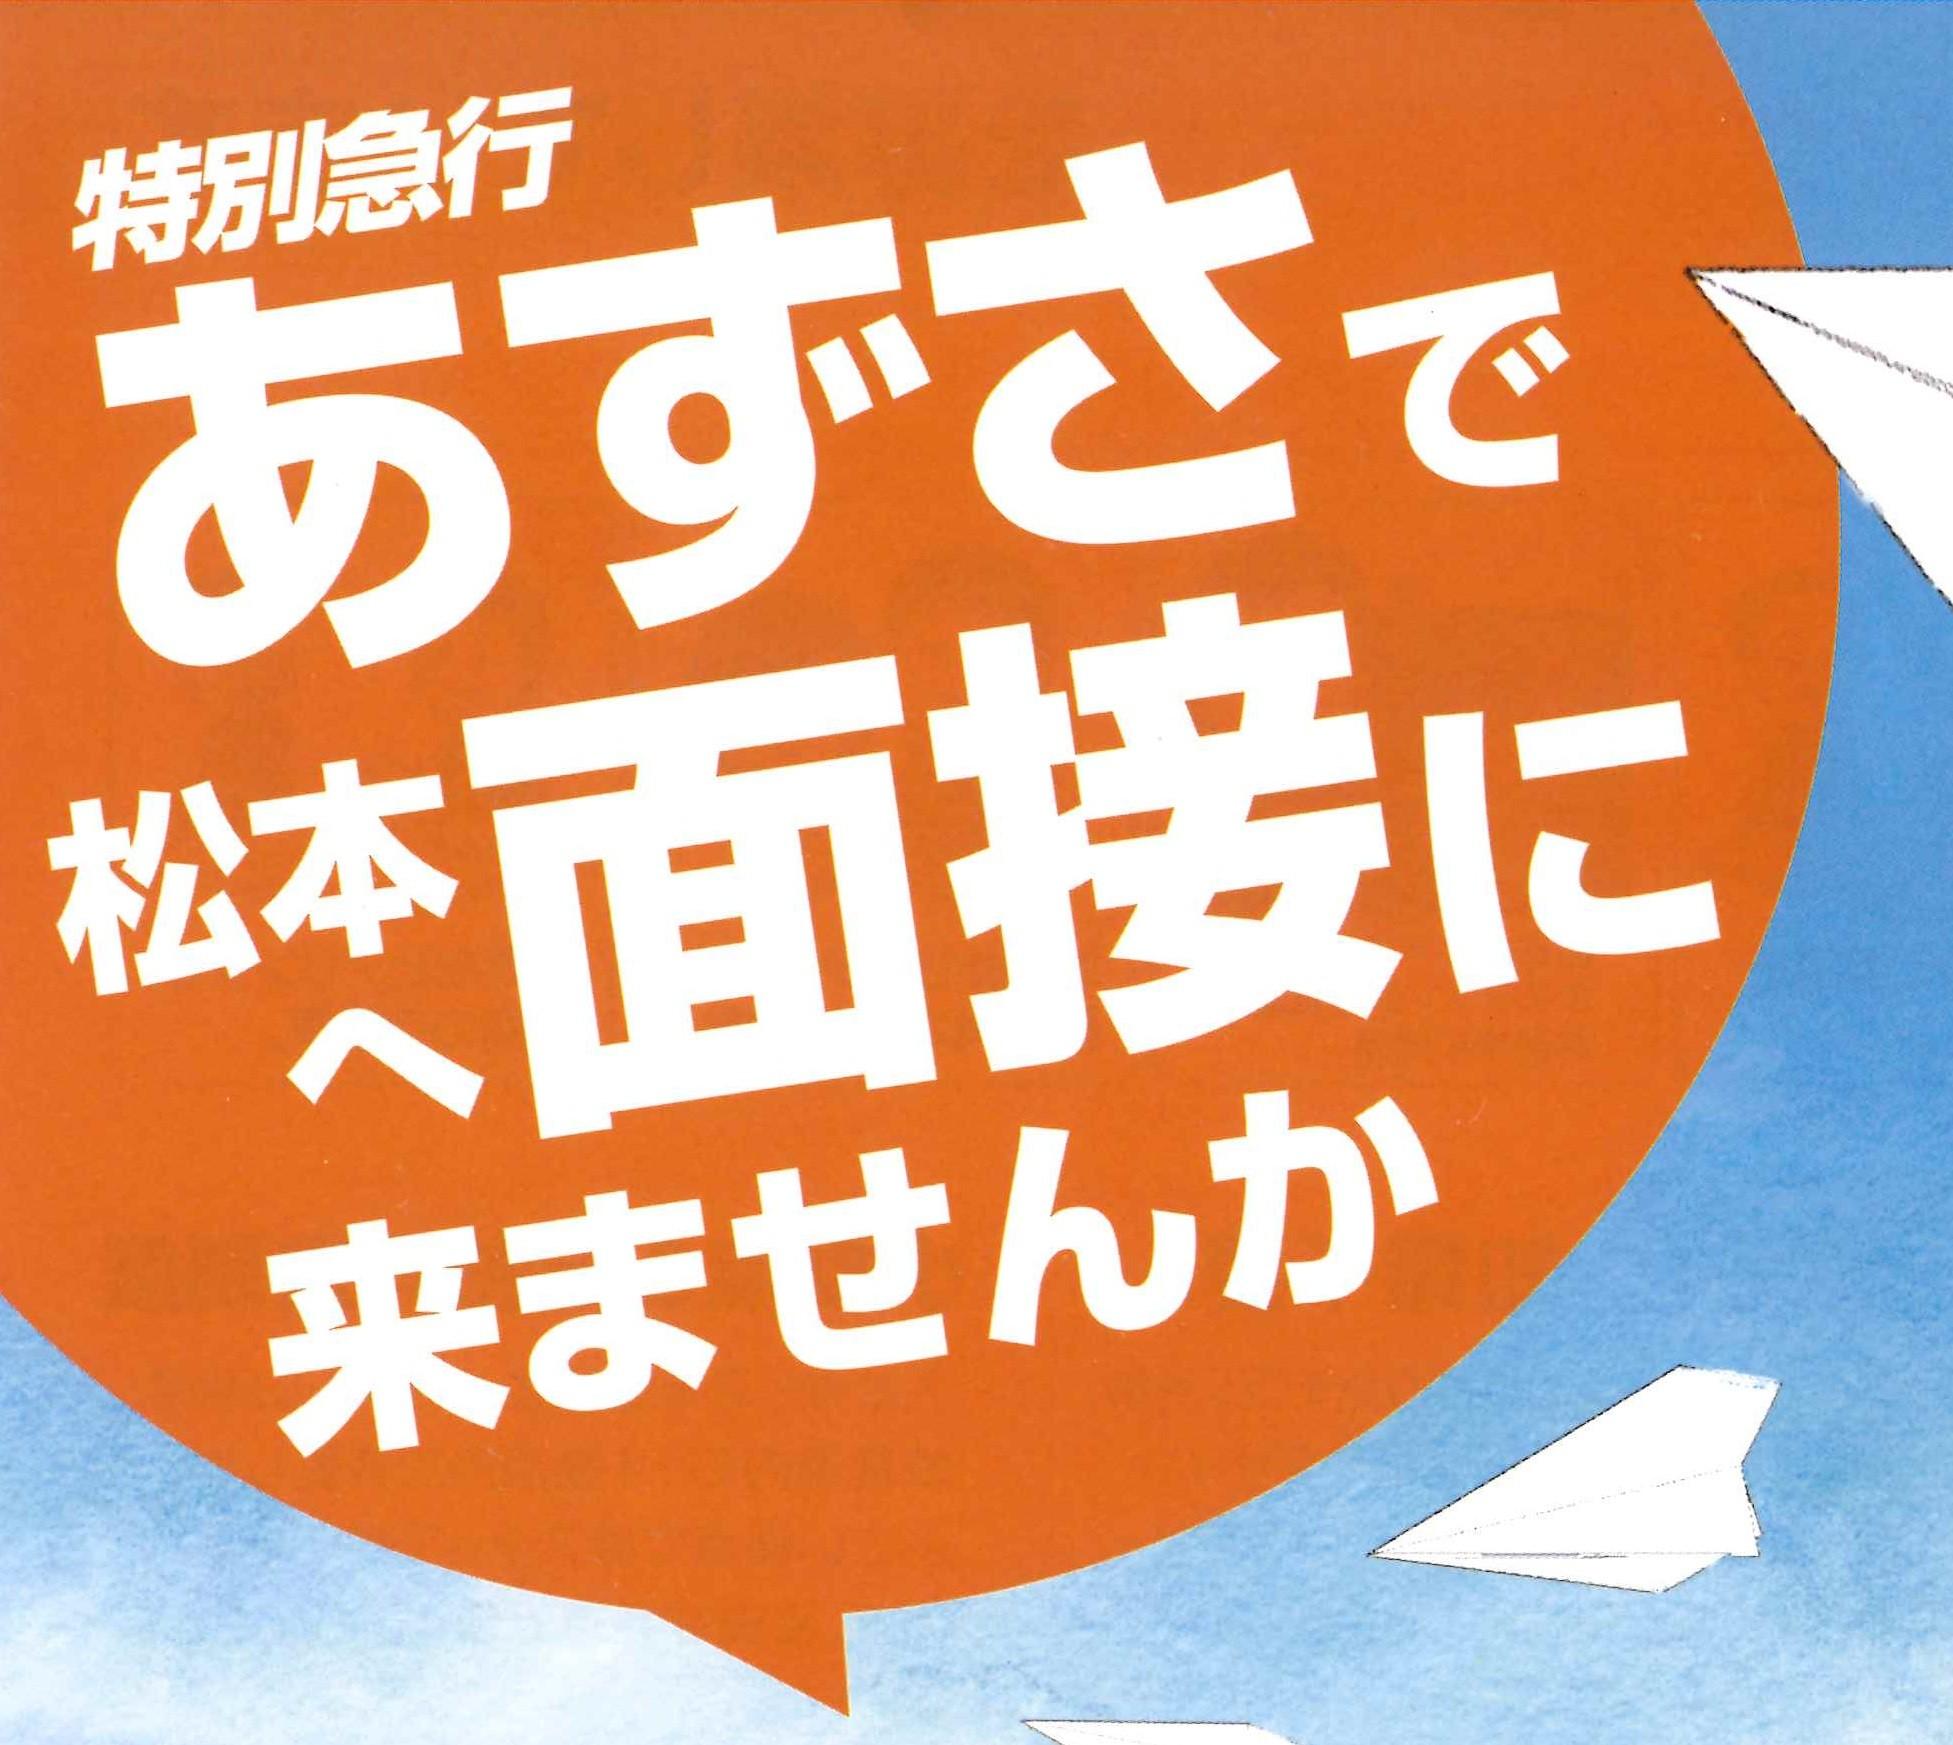 新卒・中途募集チラシを東京八王子でポスティングしました